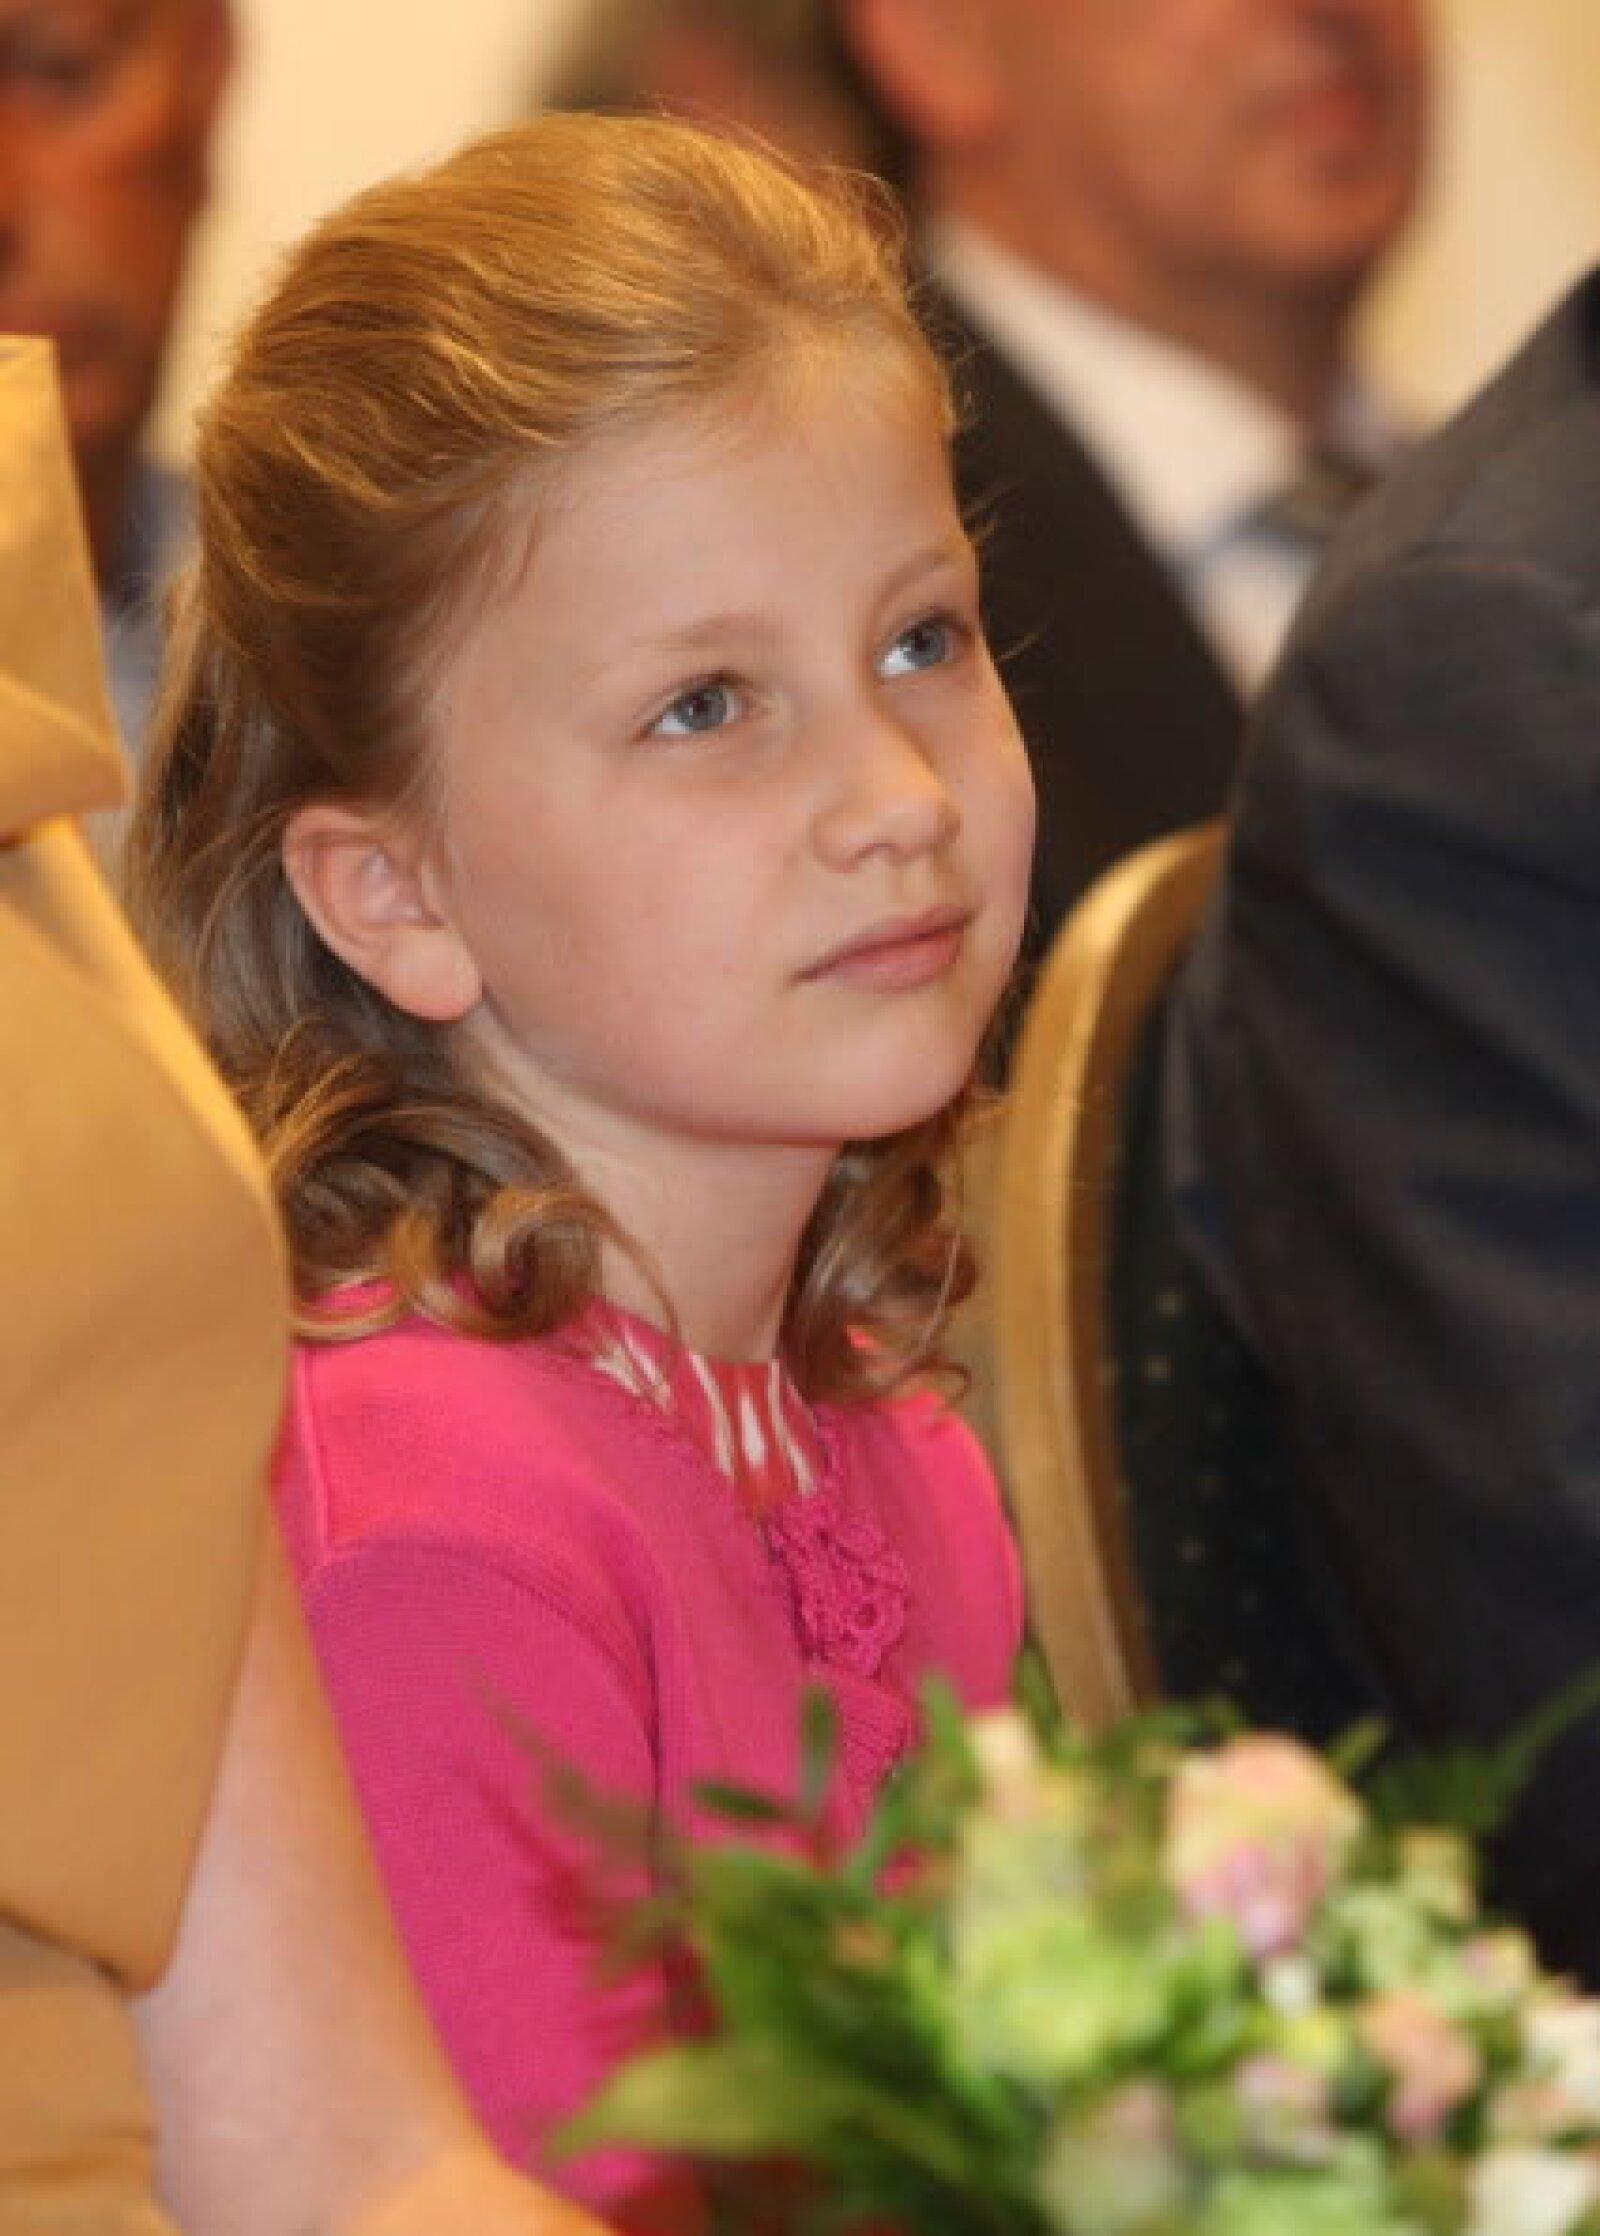 El día de mañana esta niña podrá ser Reina de los Belgas.